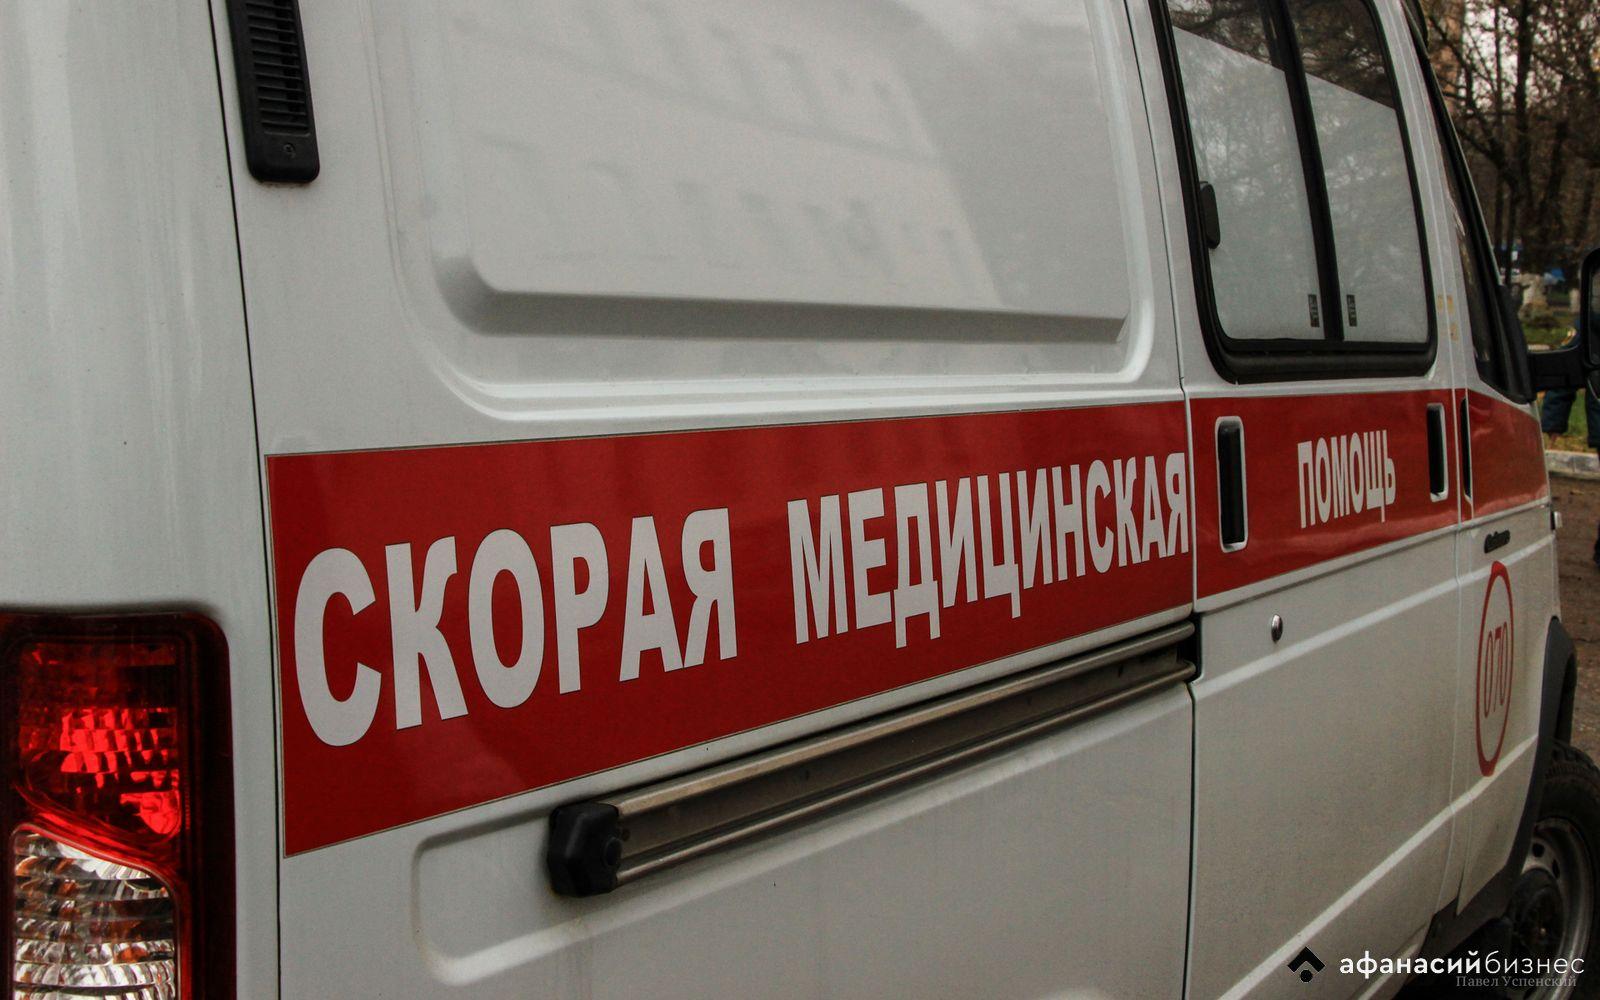 В Тверской области упавший в костер подросток получил страшные ожоги - новости Афанасий